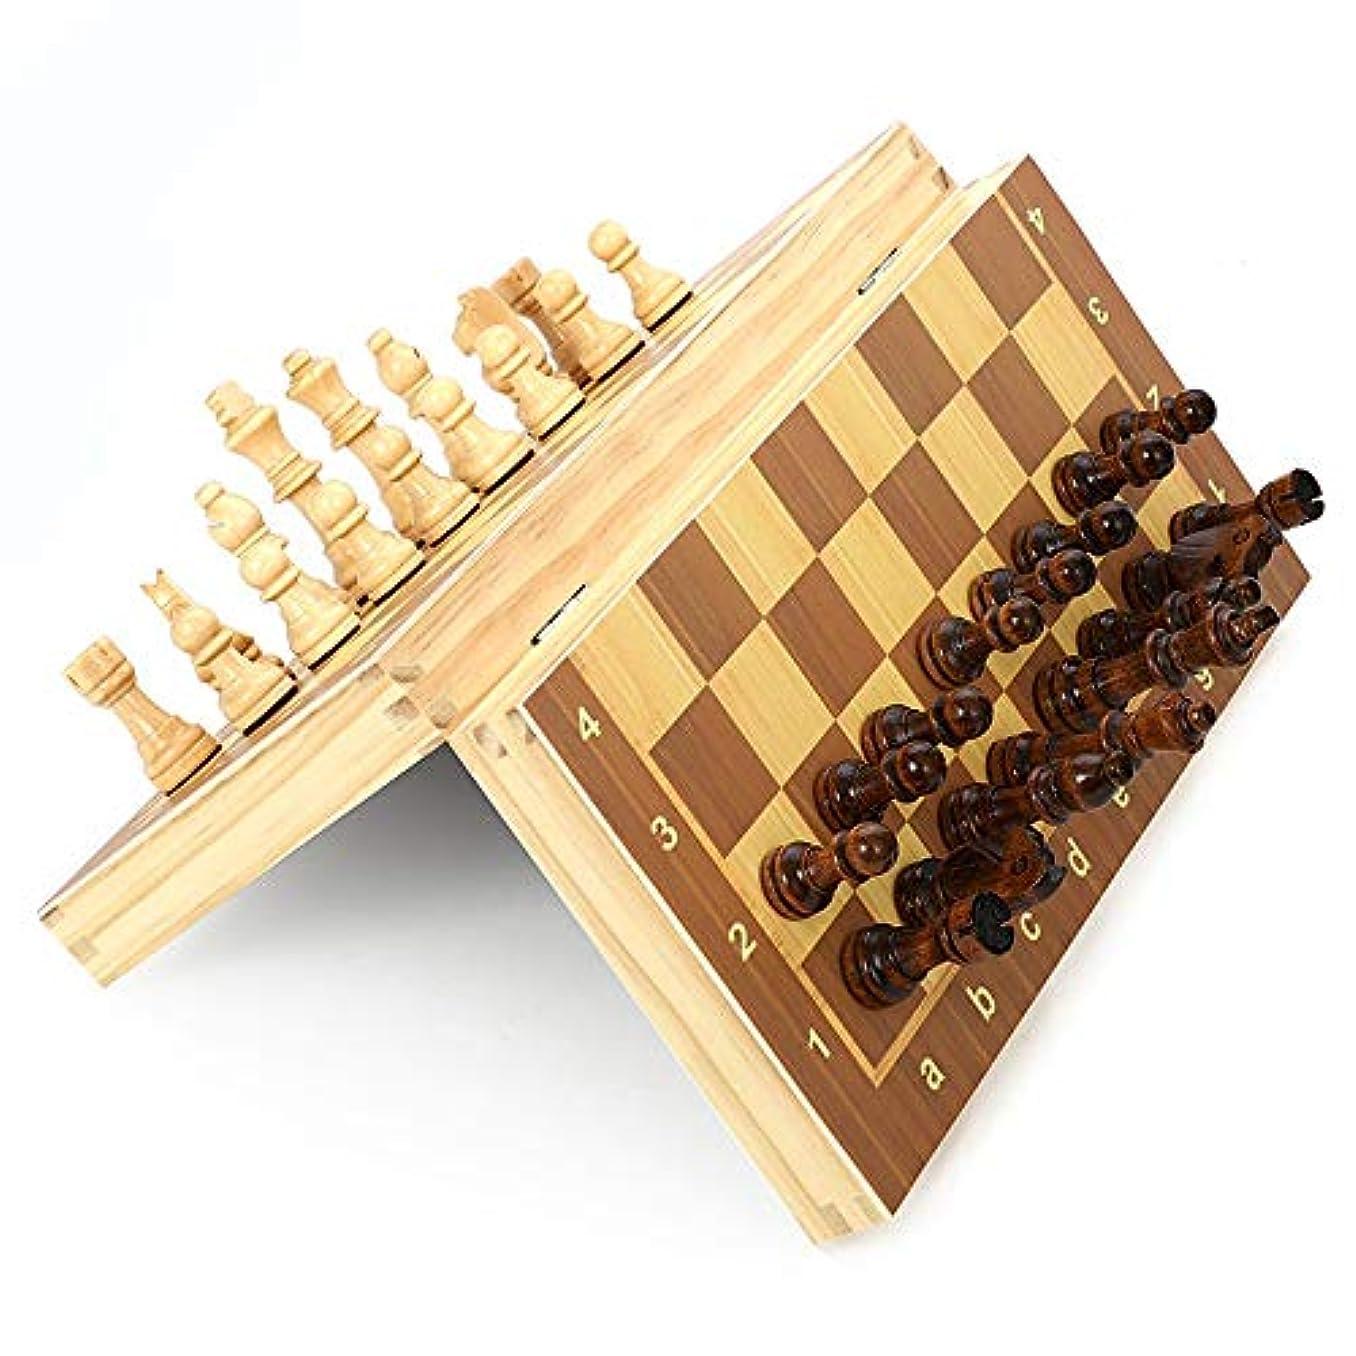 告発者シチリア補助金チェスセット チェスセット折りたたみ磁気木製標準チェスゲームボードセットで木製の細工された作品とチェスの収納スロット 子供と大人のための (色 : As picture, サイズ : 34*34cm)